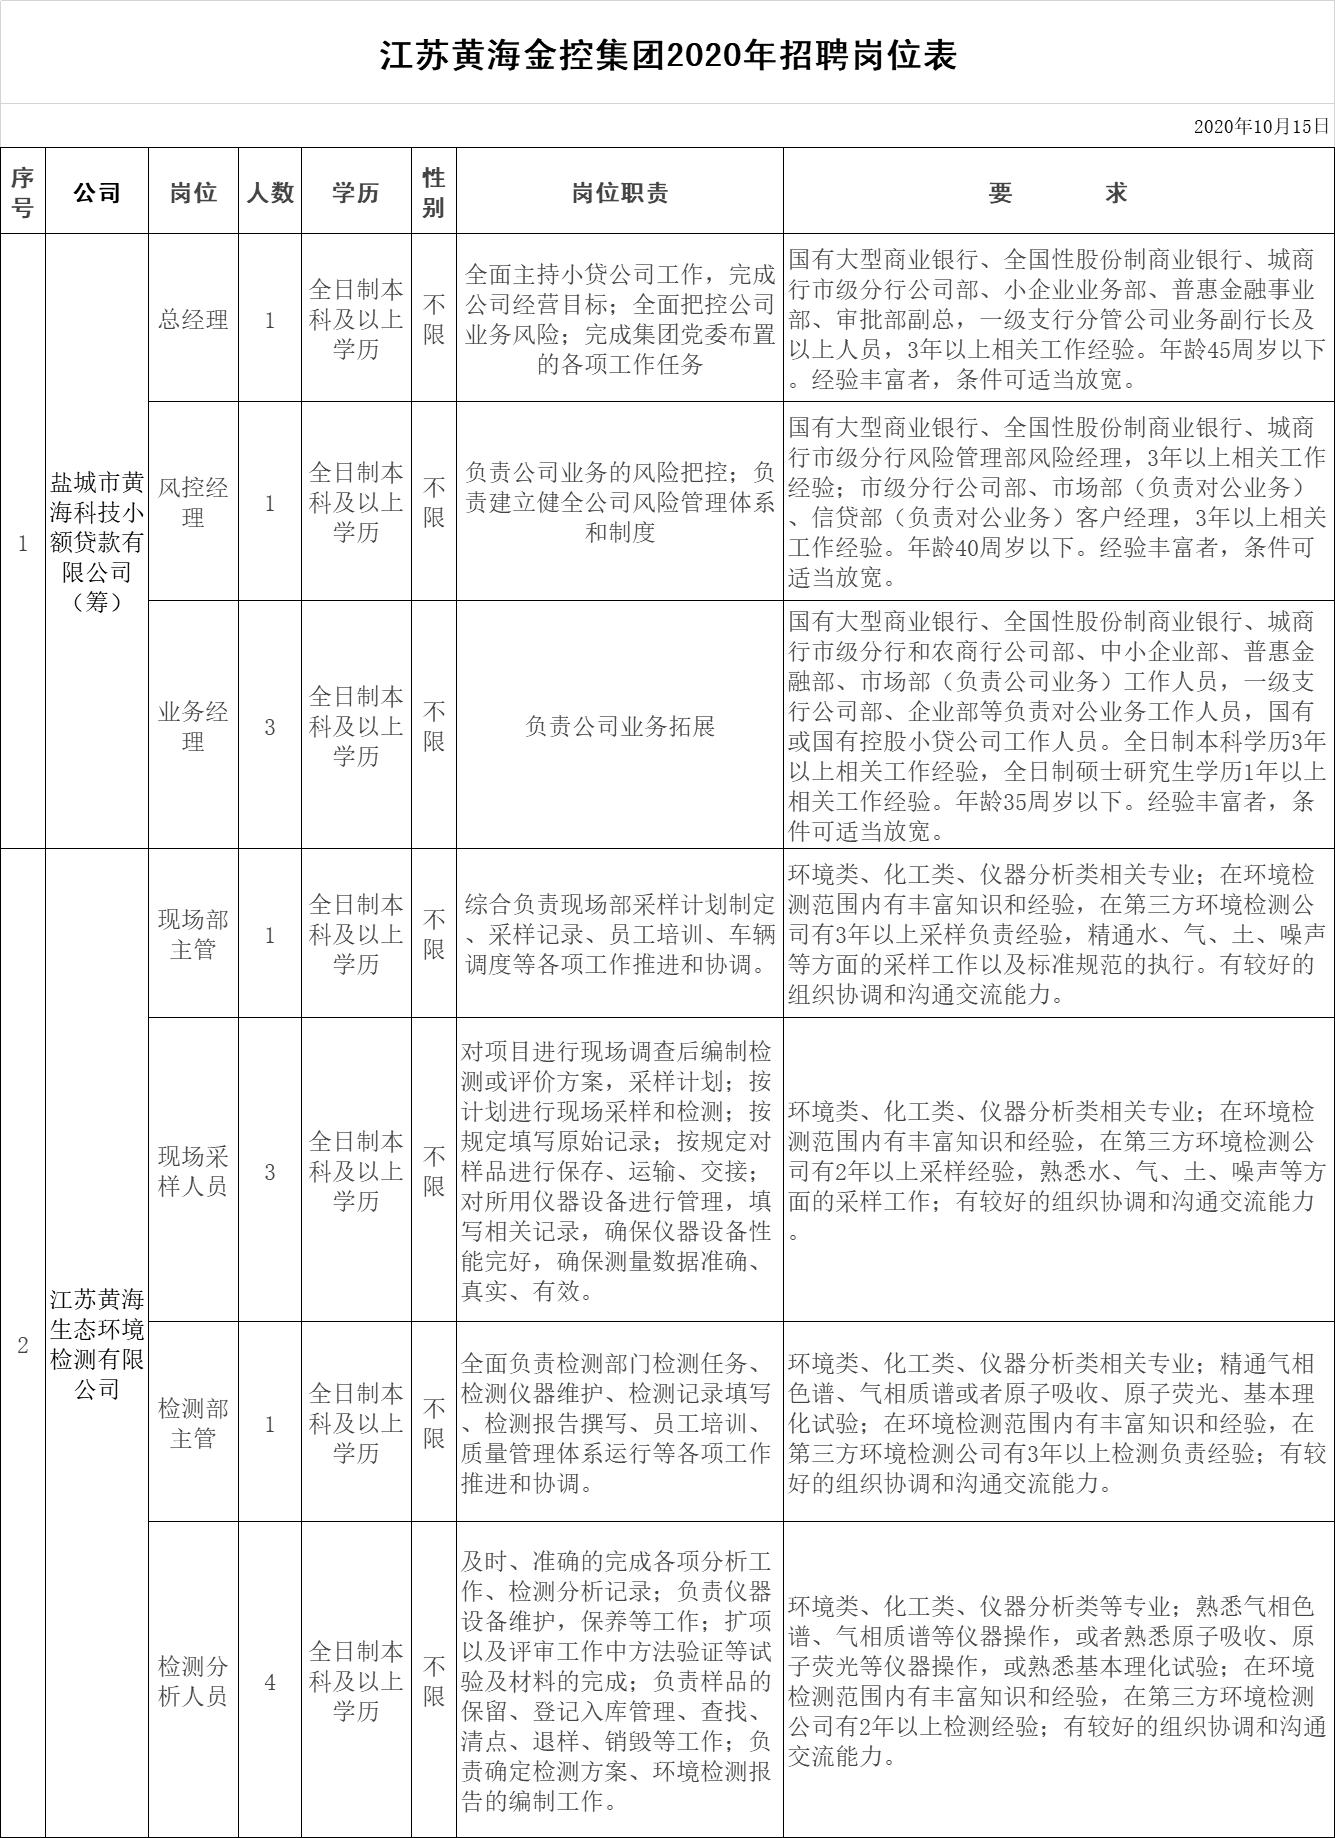 江苏黄海金融控股集团2020年招聘岗位表